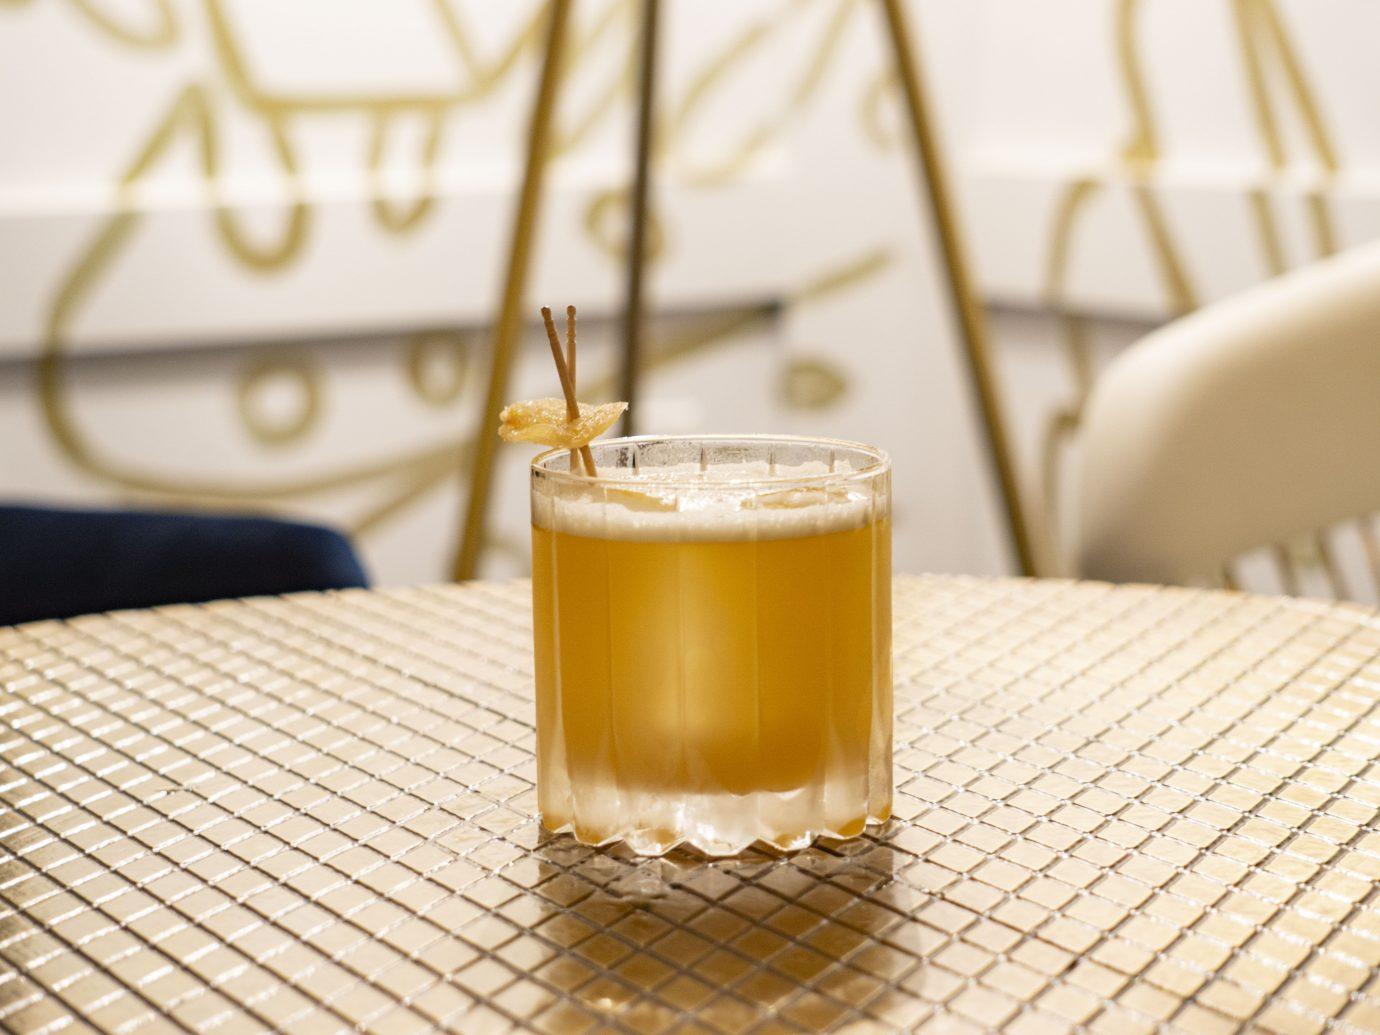 Penicillin cocktail from Ad Lib in Miami